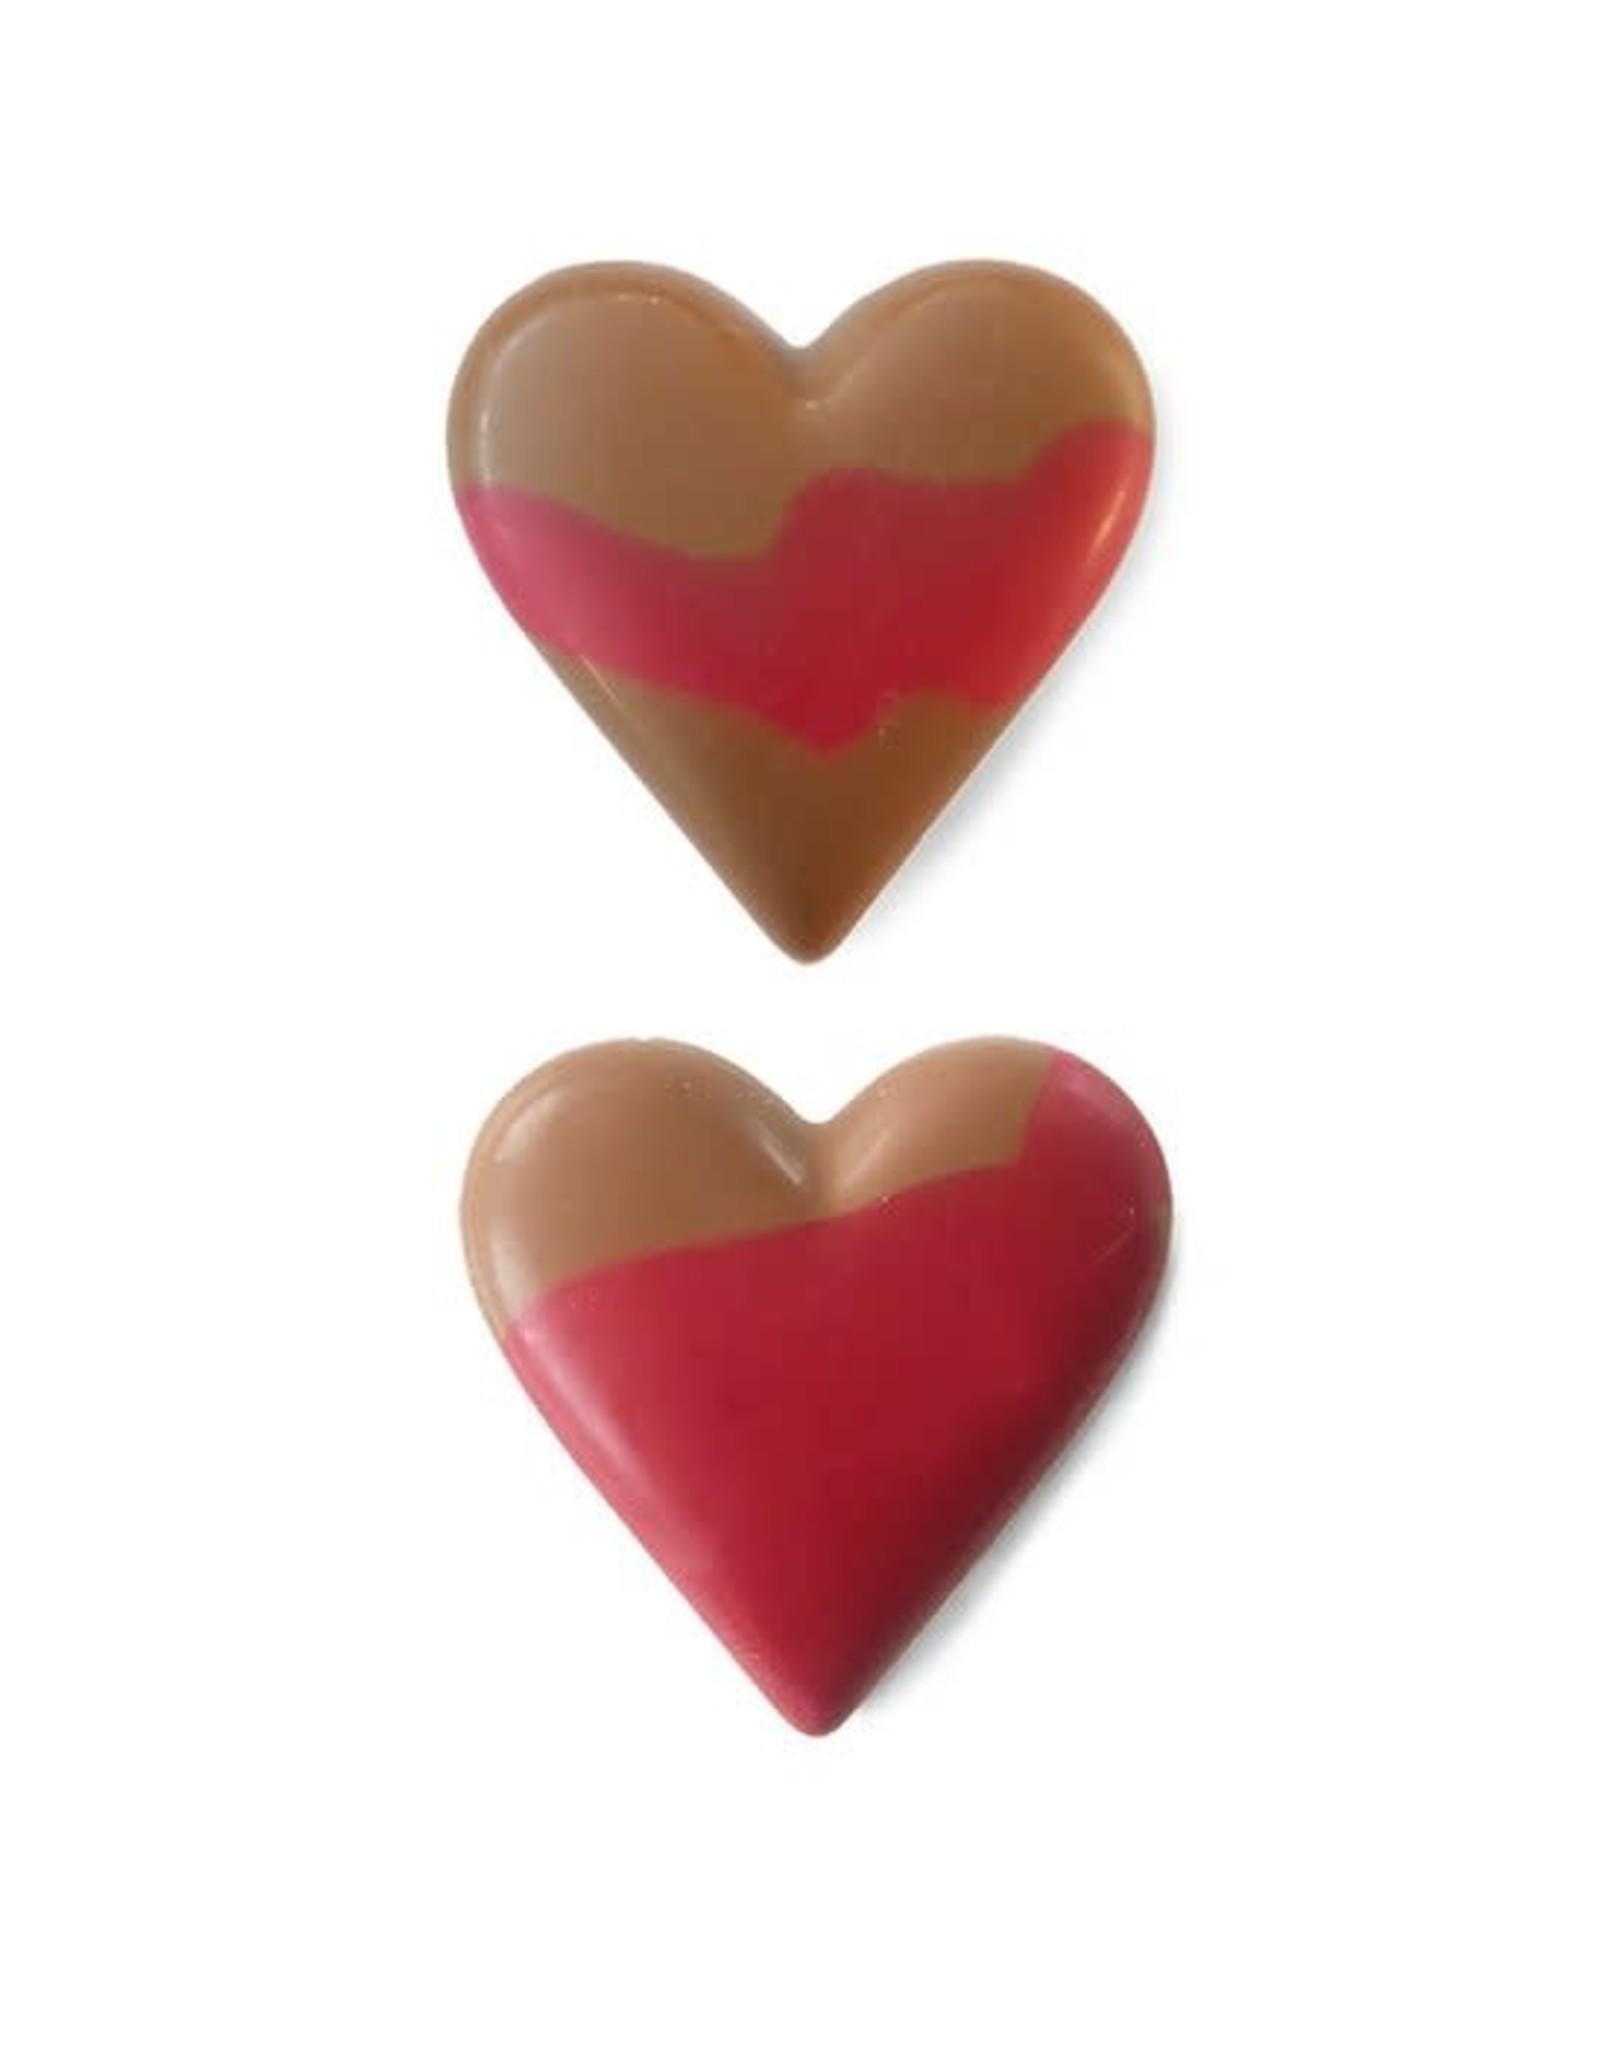 Liv'n taste Liv'n taste: chocoladewens mijn hartenwens voor jou